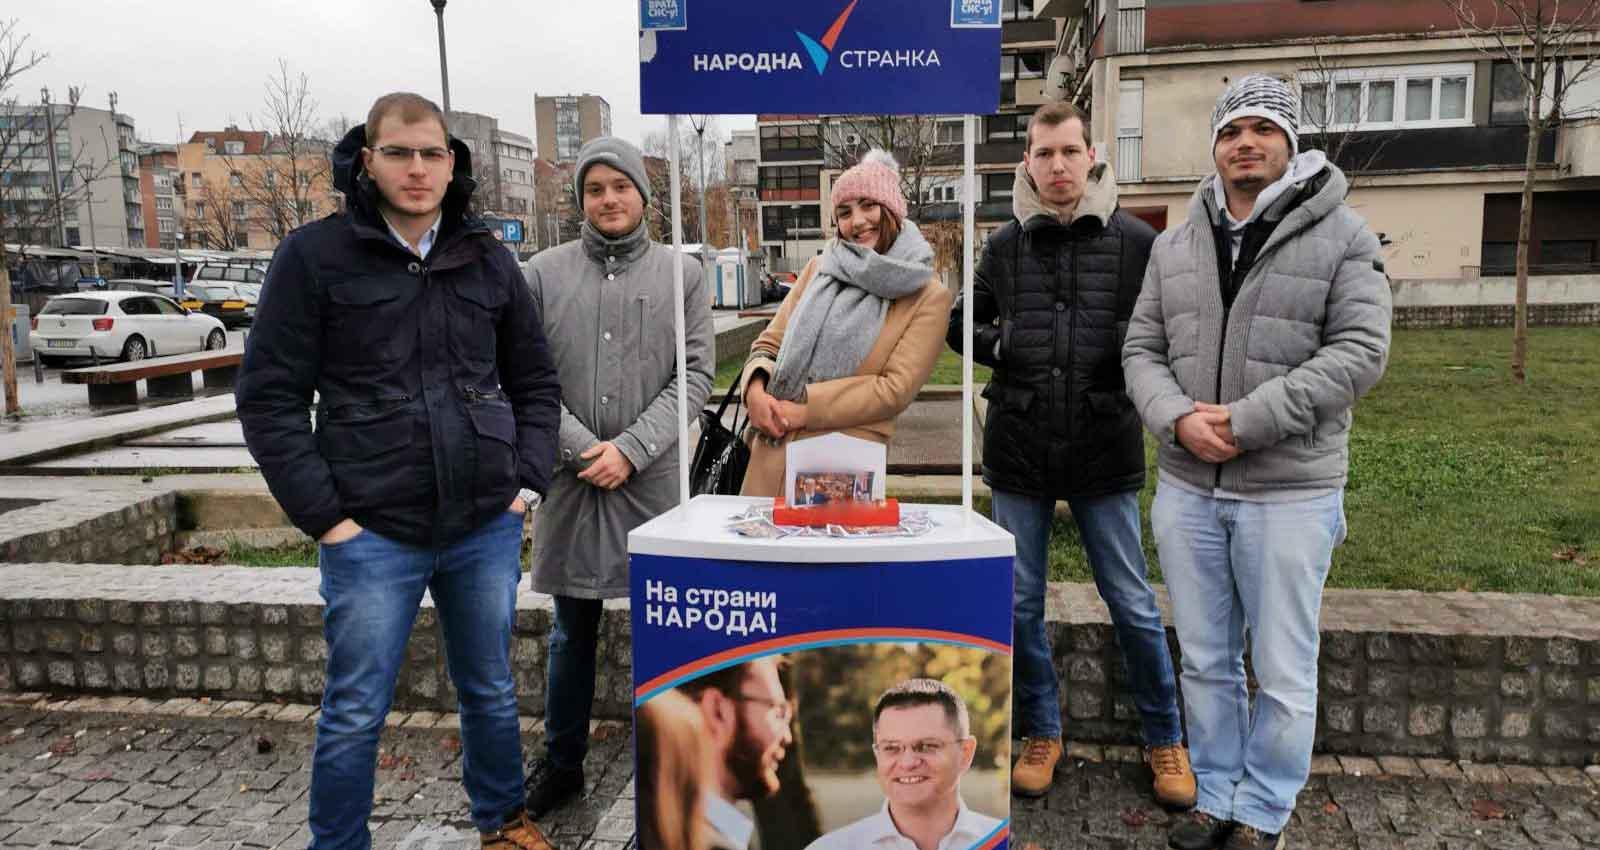 Омладина Народне странке делила новогодишње честитке са ликом Александра Вучића